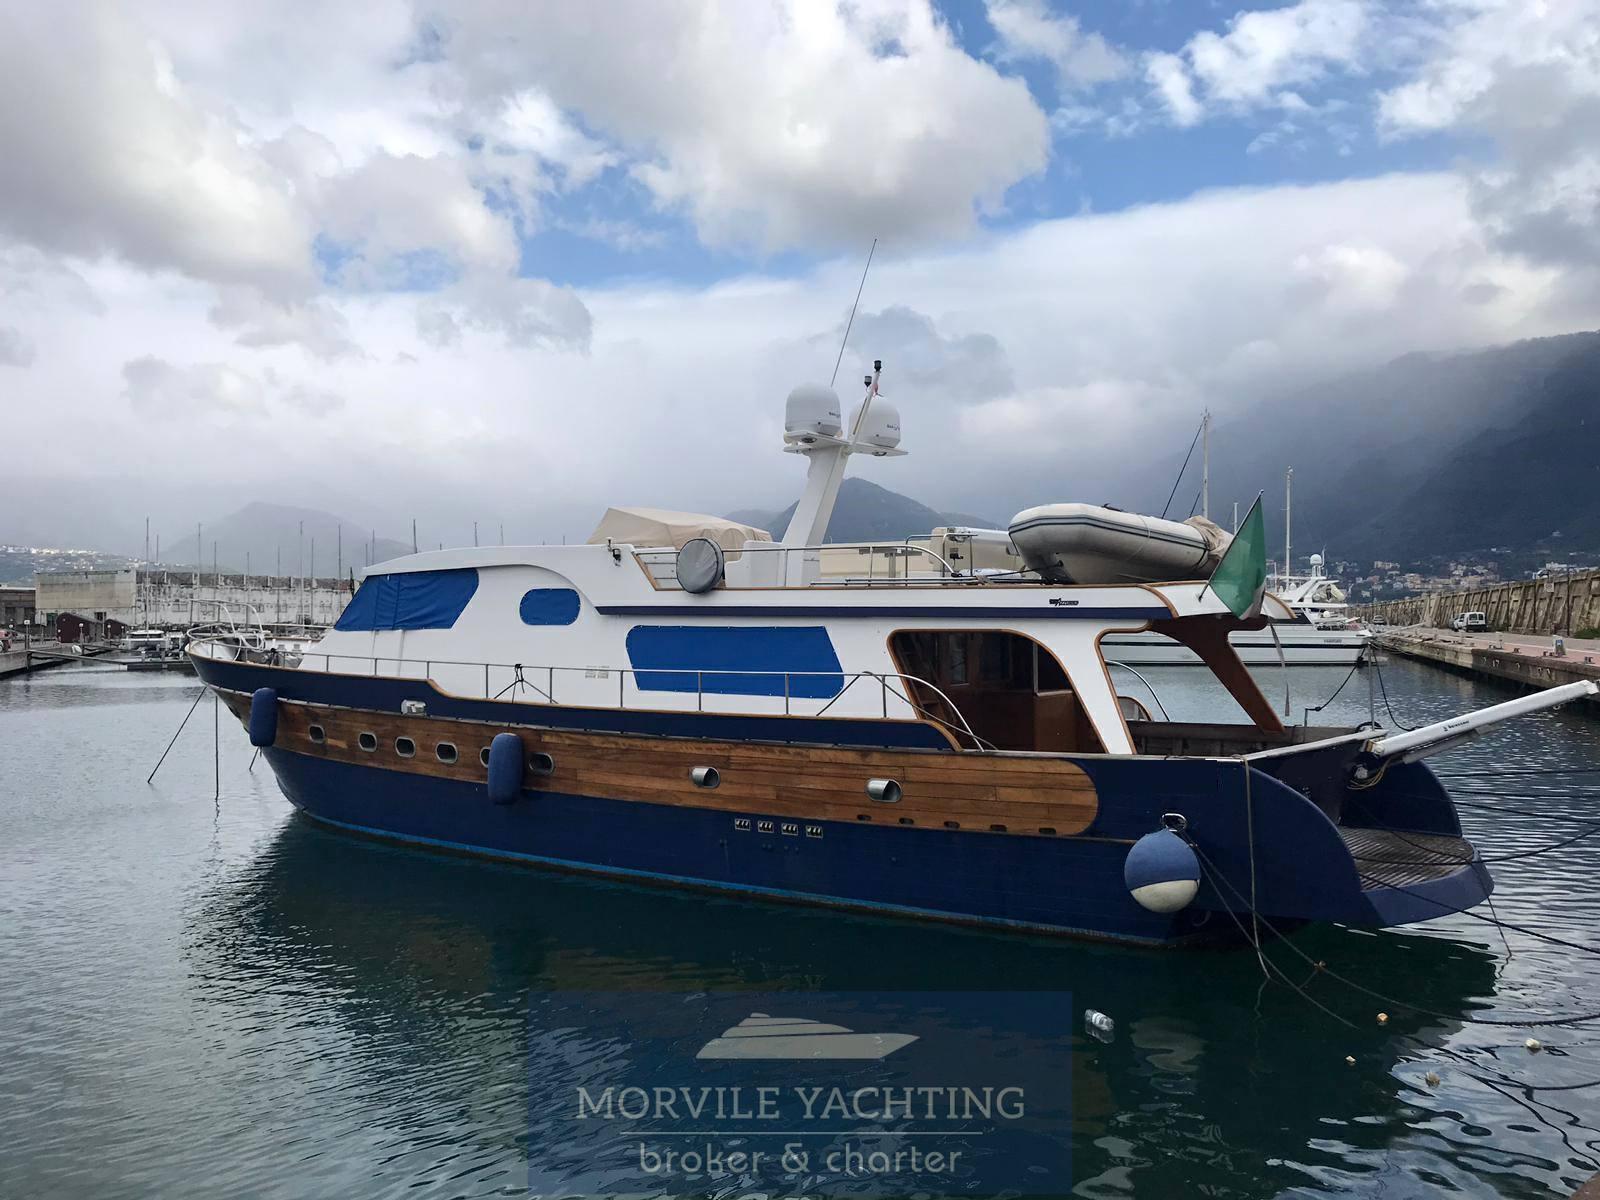 Cantiere nautico Azzurro 21 Motor boat charter